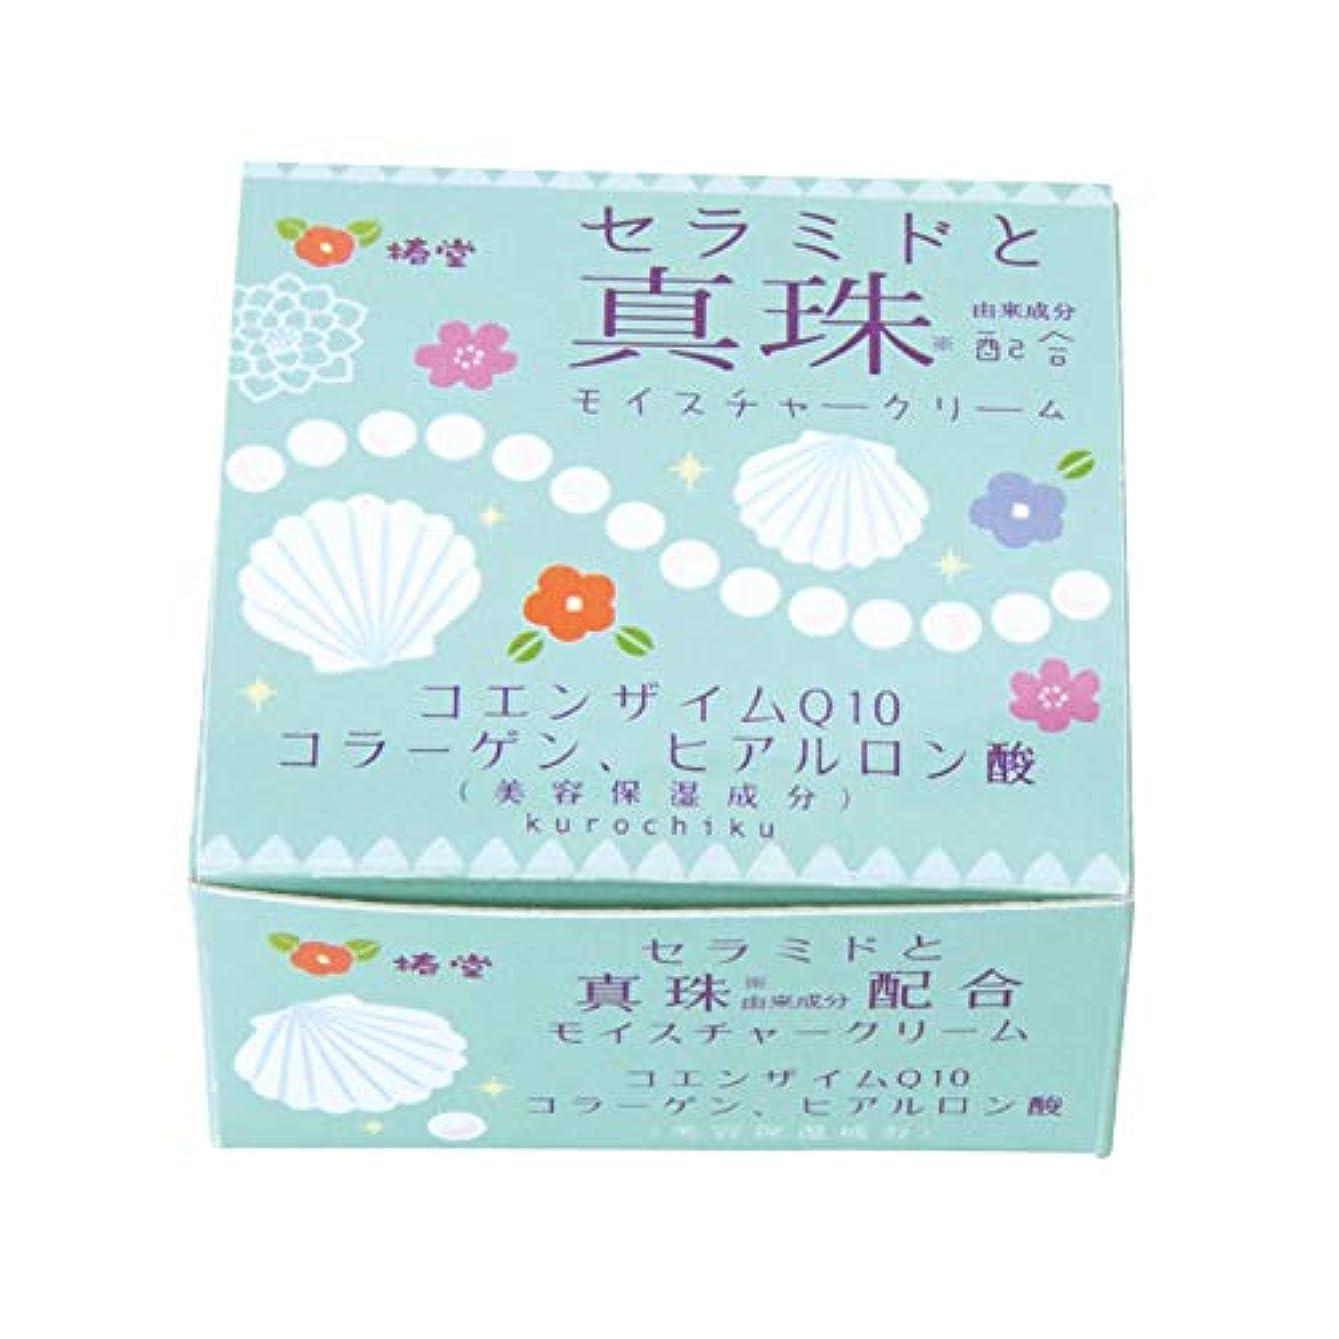 避難引退した加速度椿堂 真珠モイスチャークリーム (セラミドと真珠) 京都くろちく